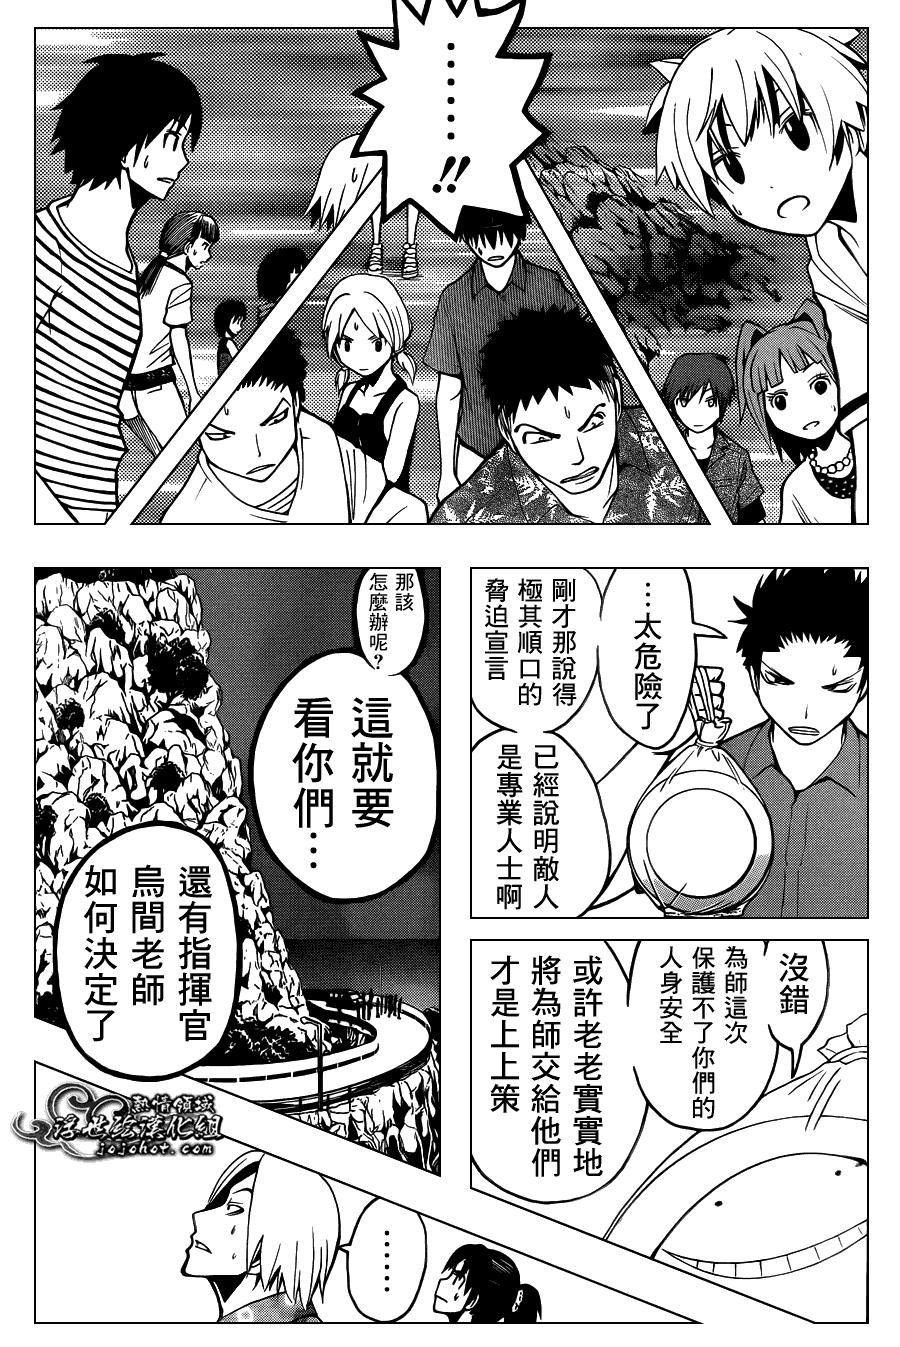 暗殺教室: 61話 - 第14页